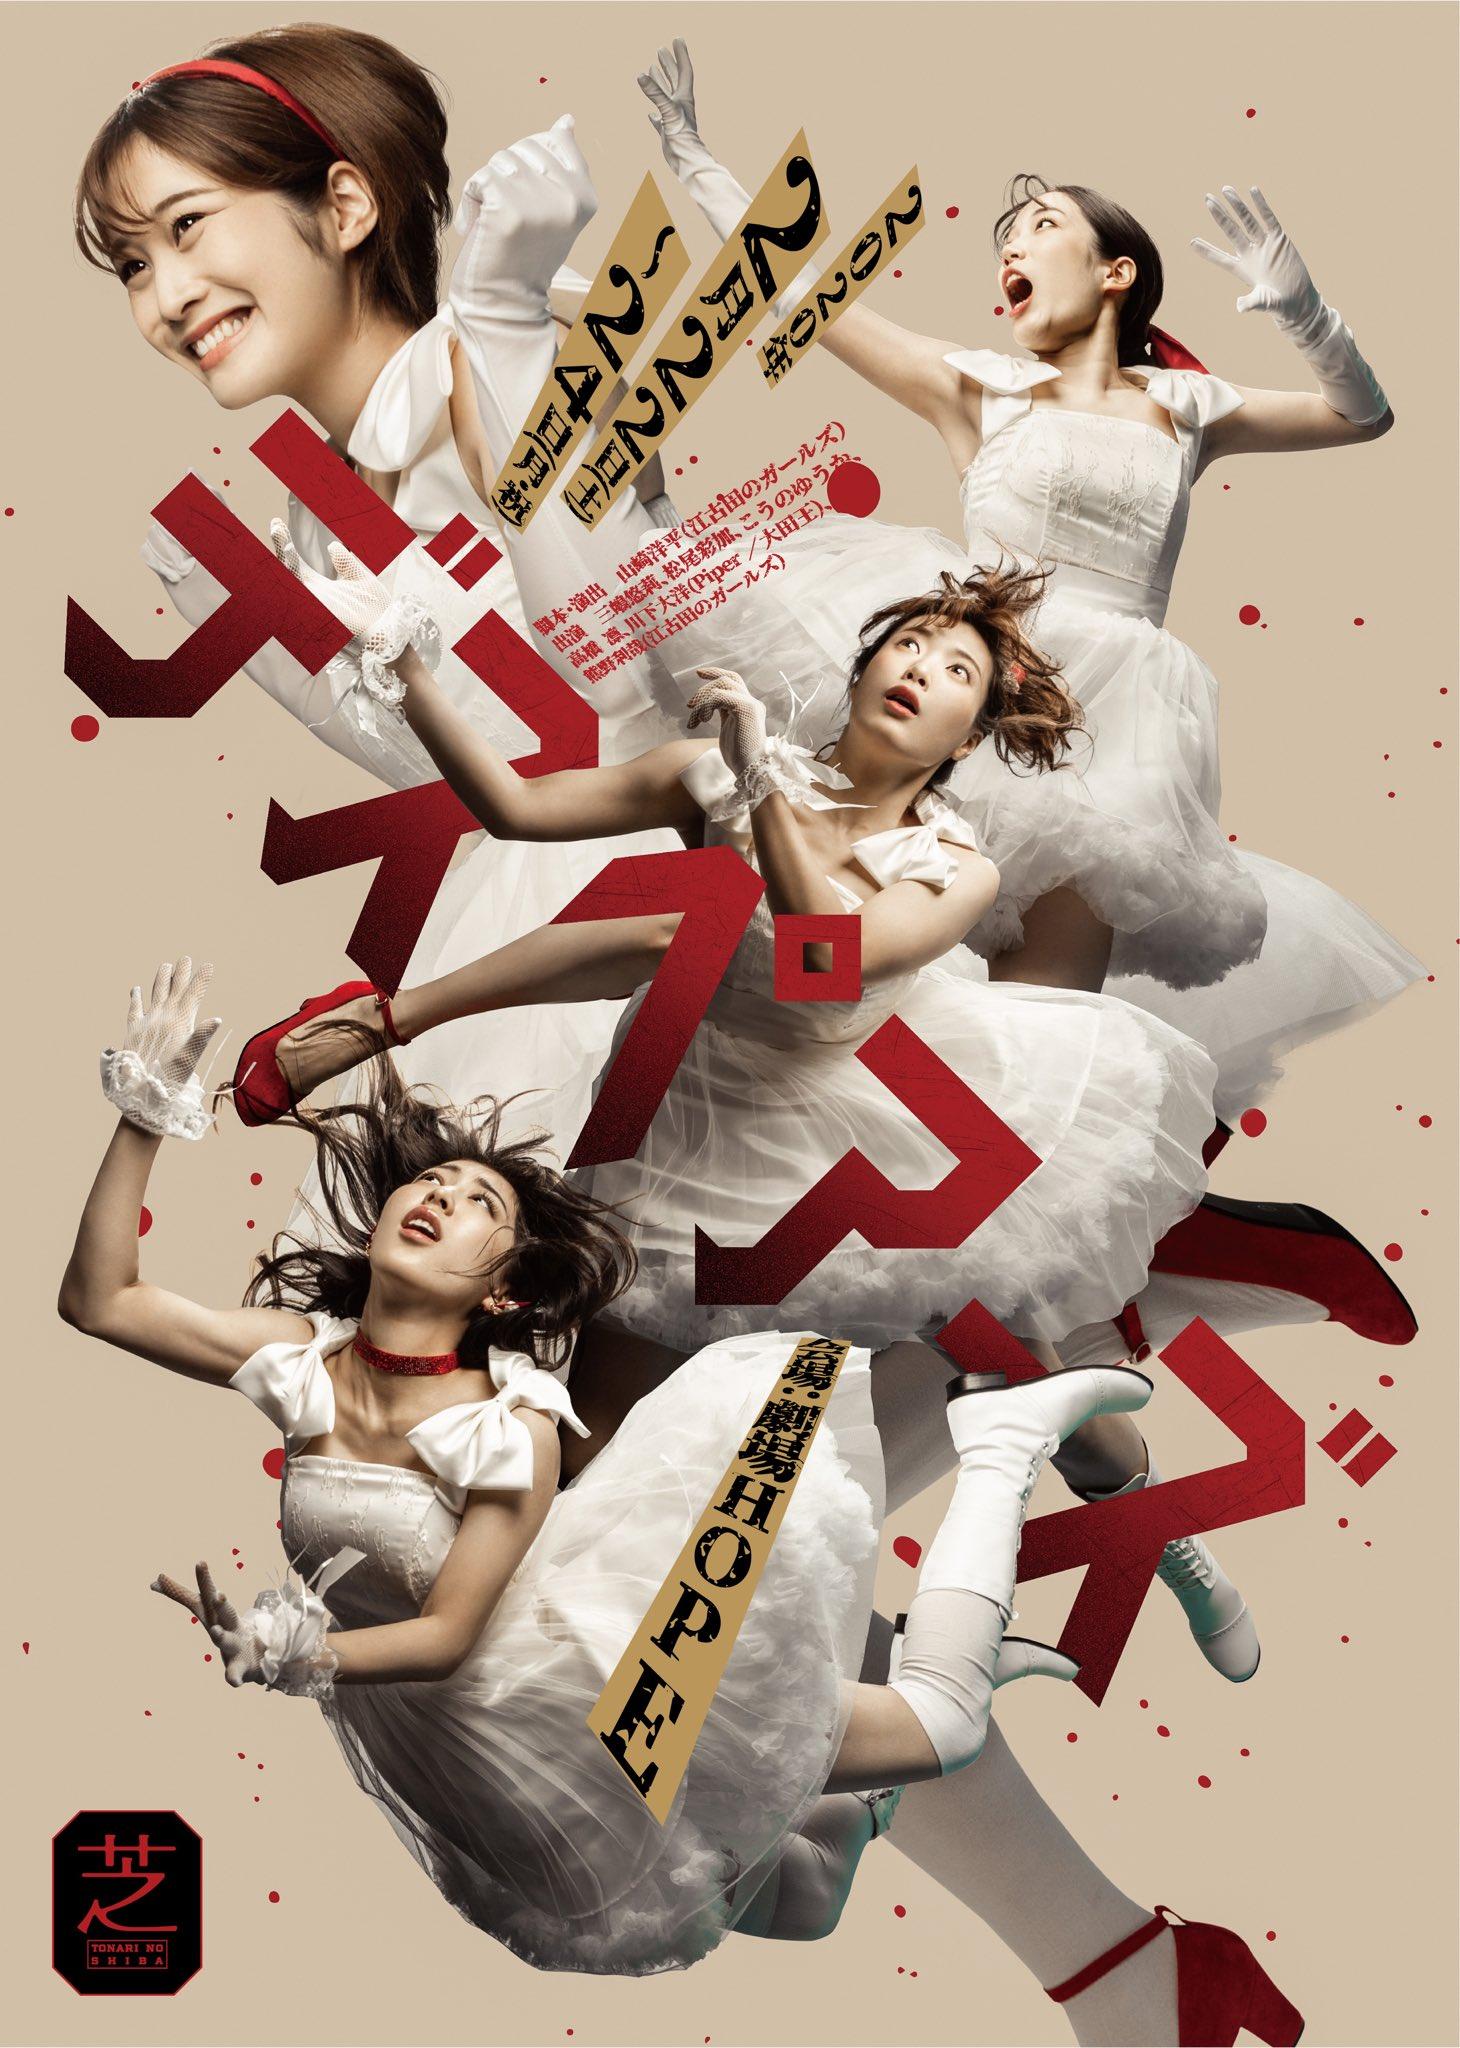 2月21日(金)「デスペアーズ前夜祭」にゲスト出演します!!!